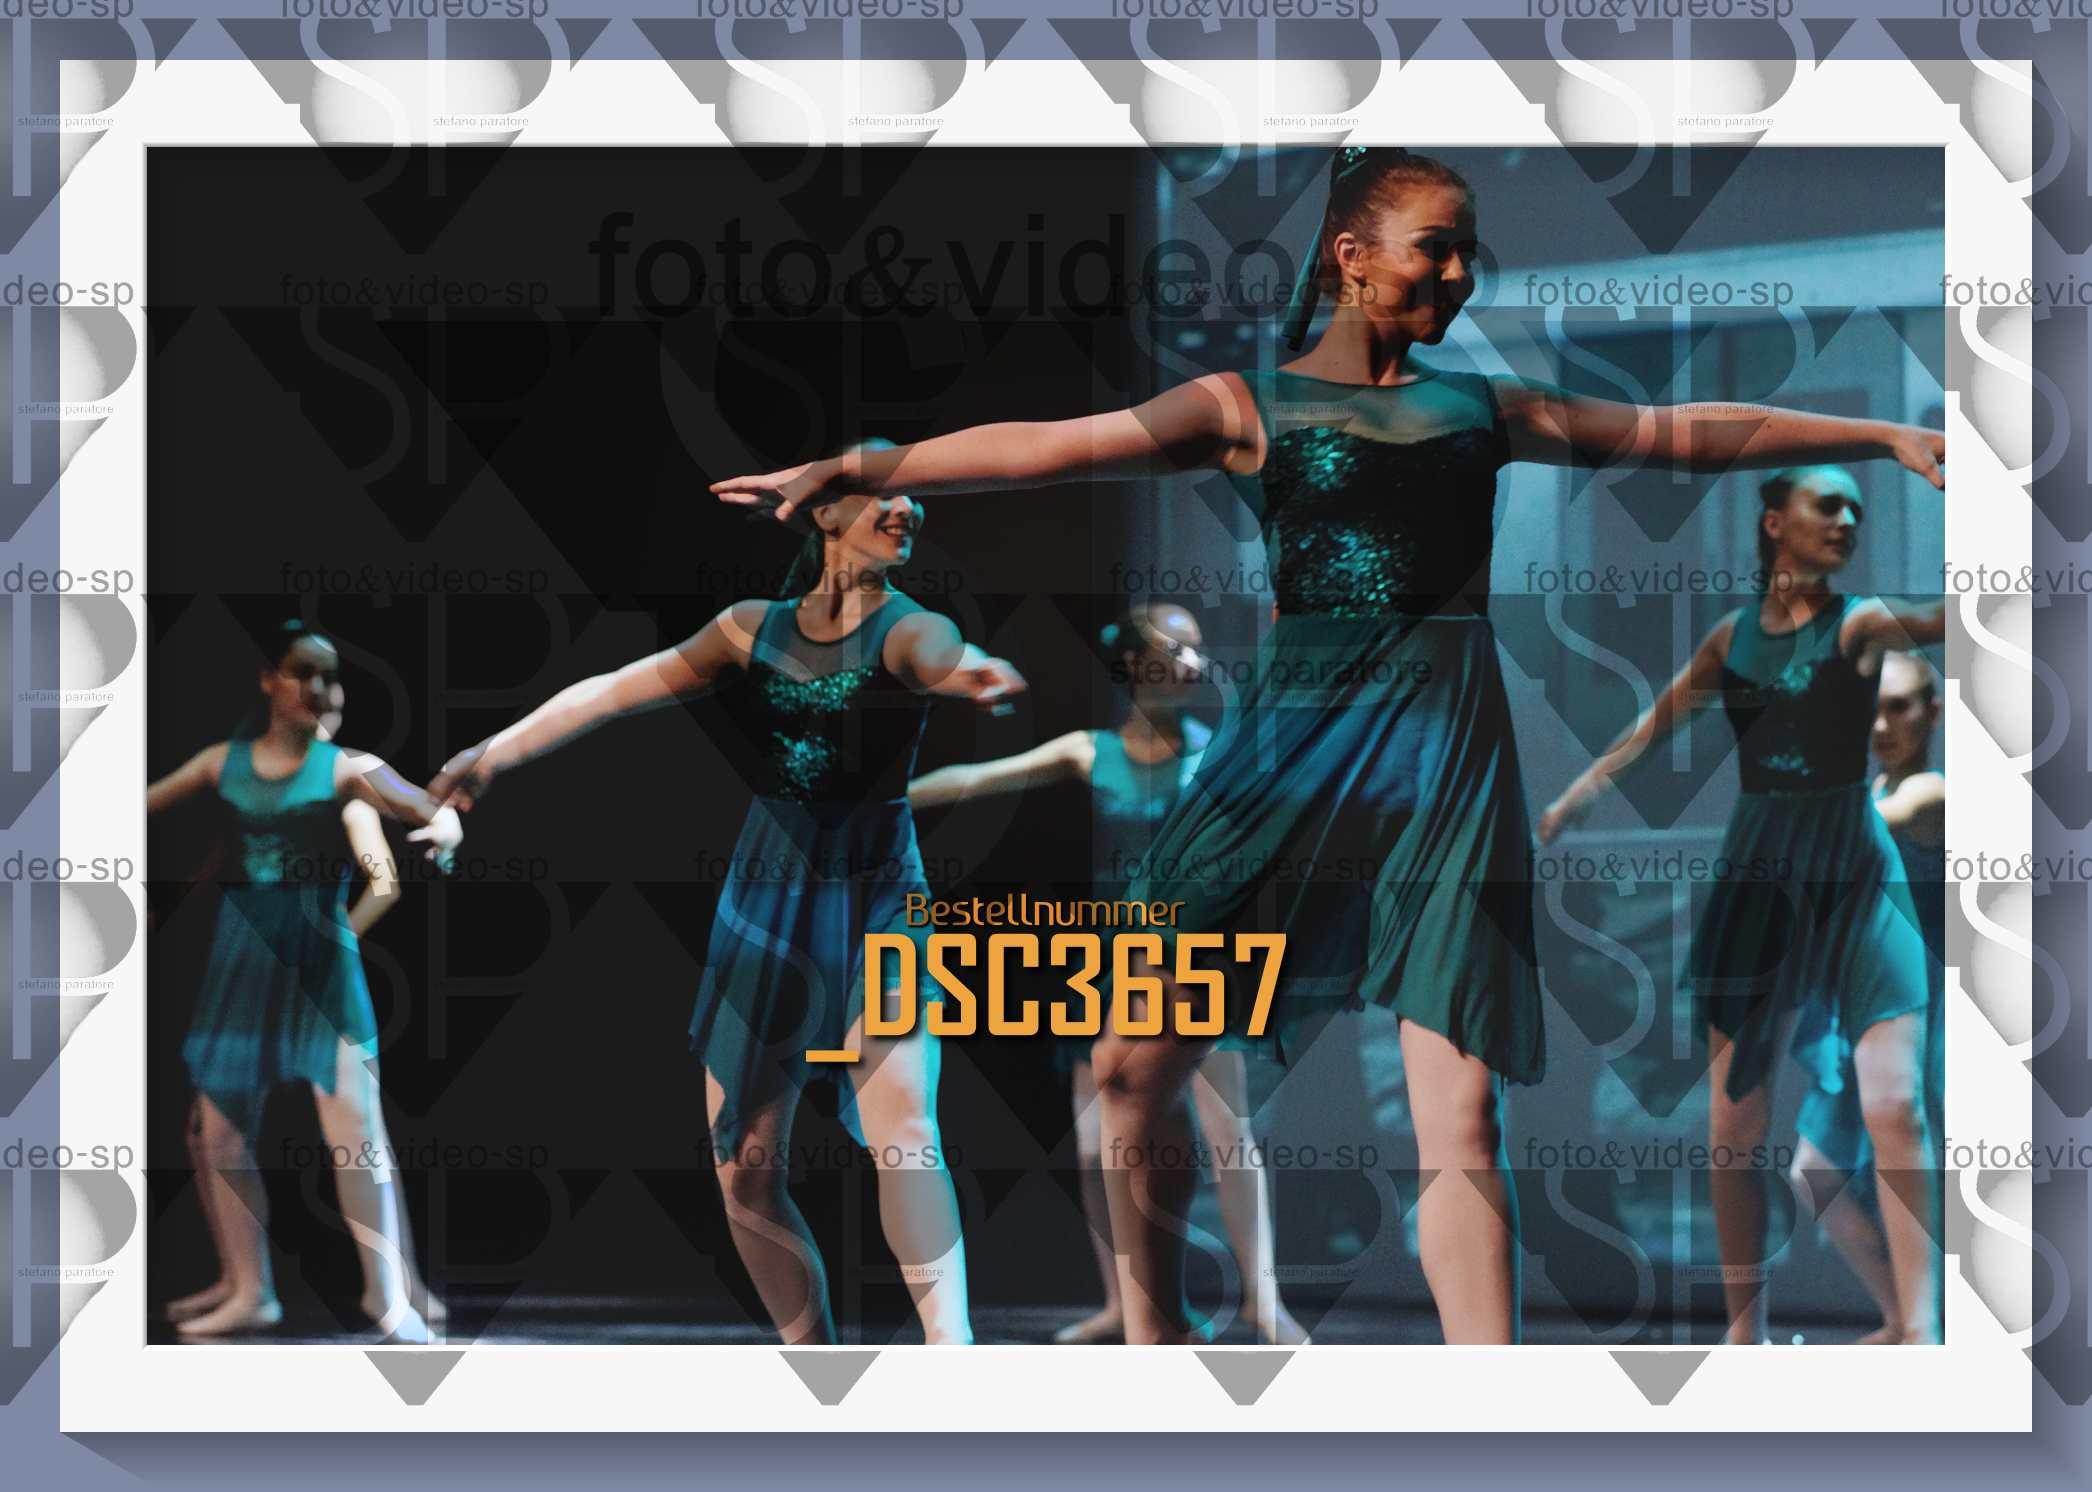 DSC3657